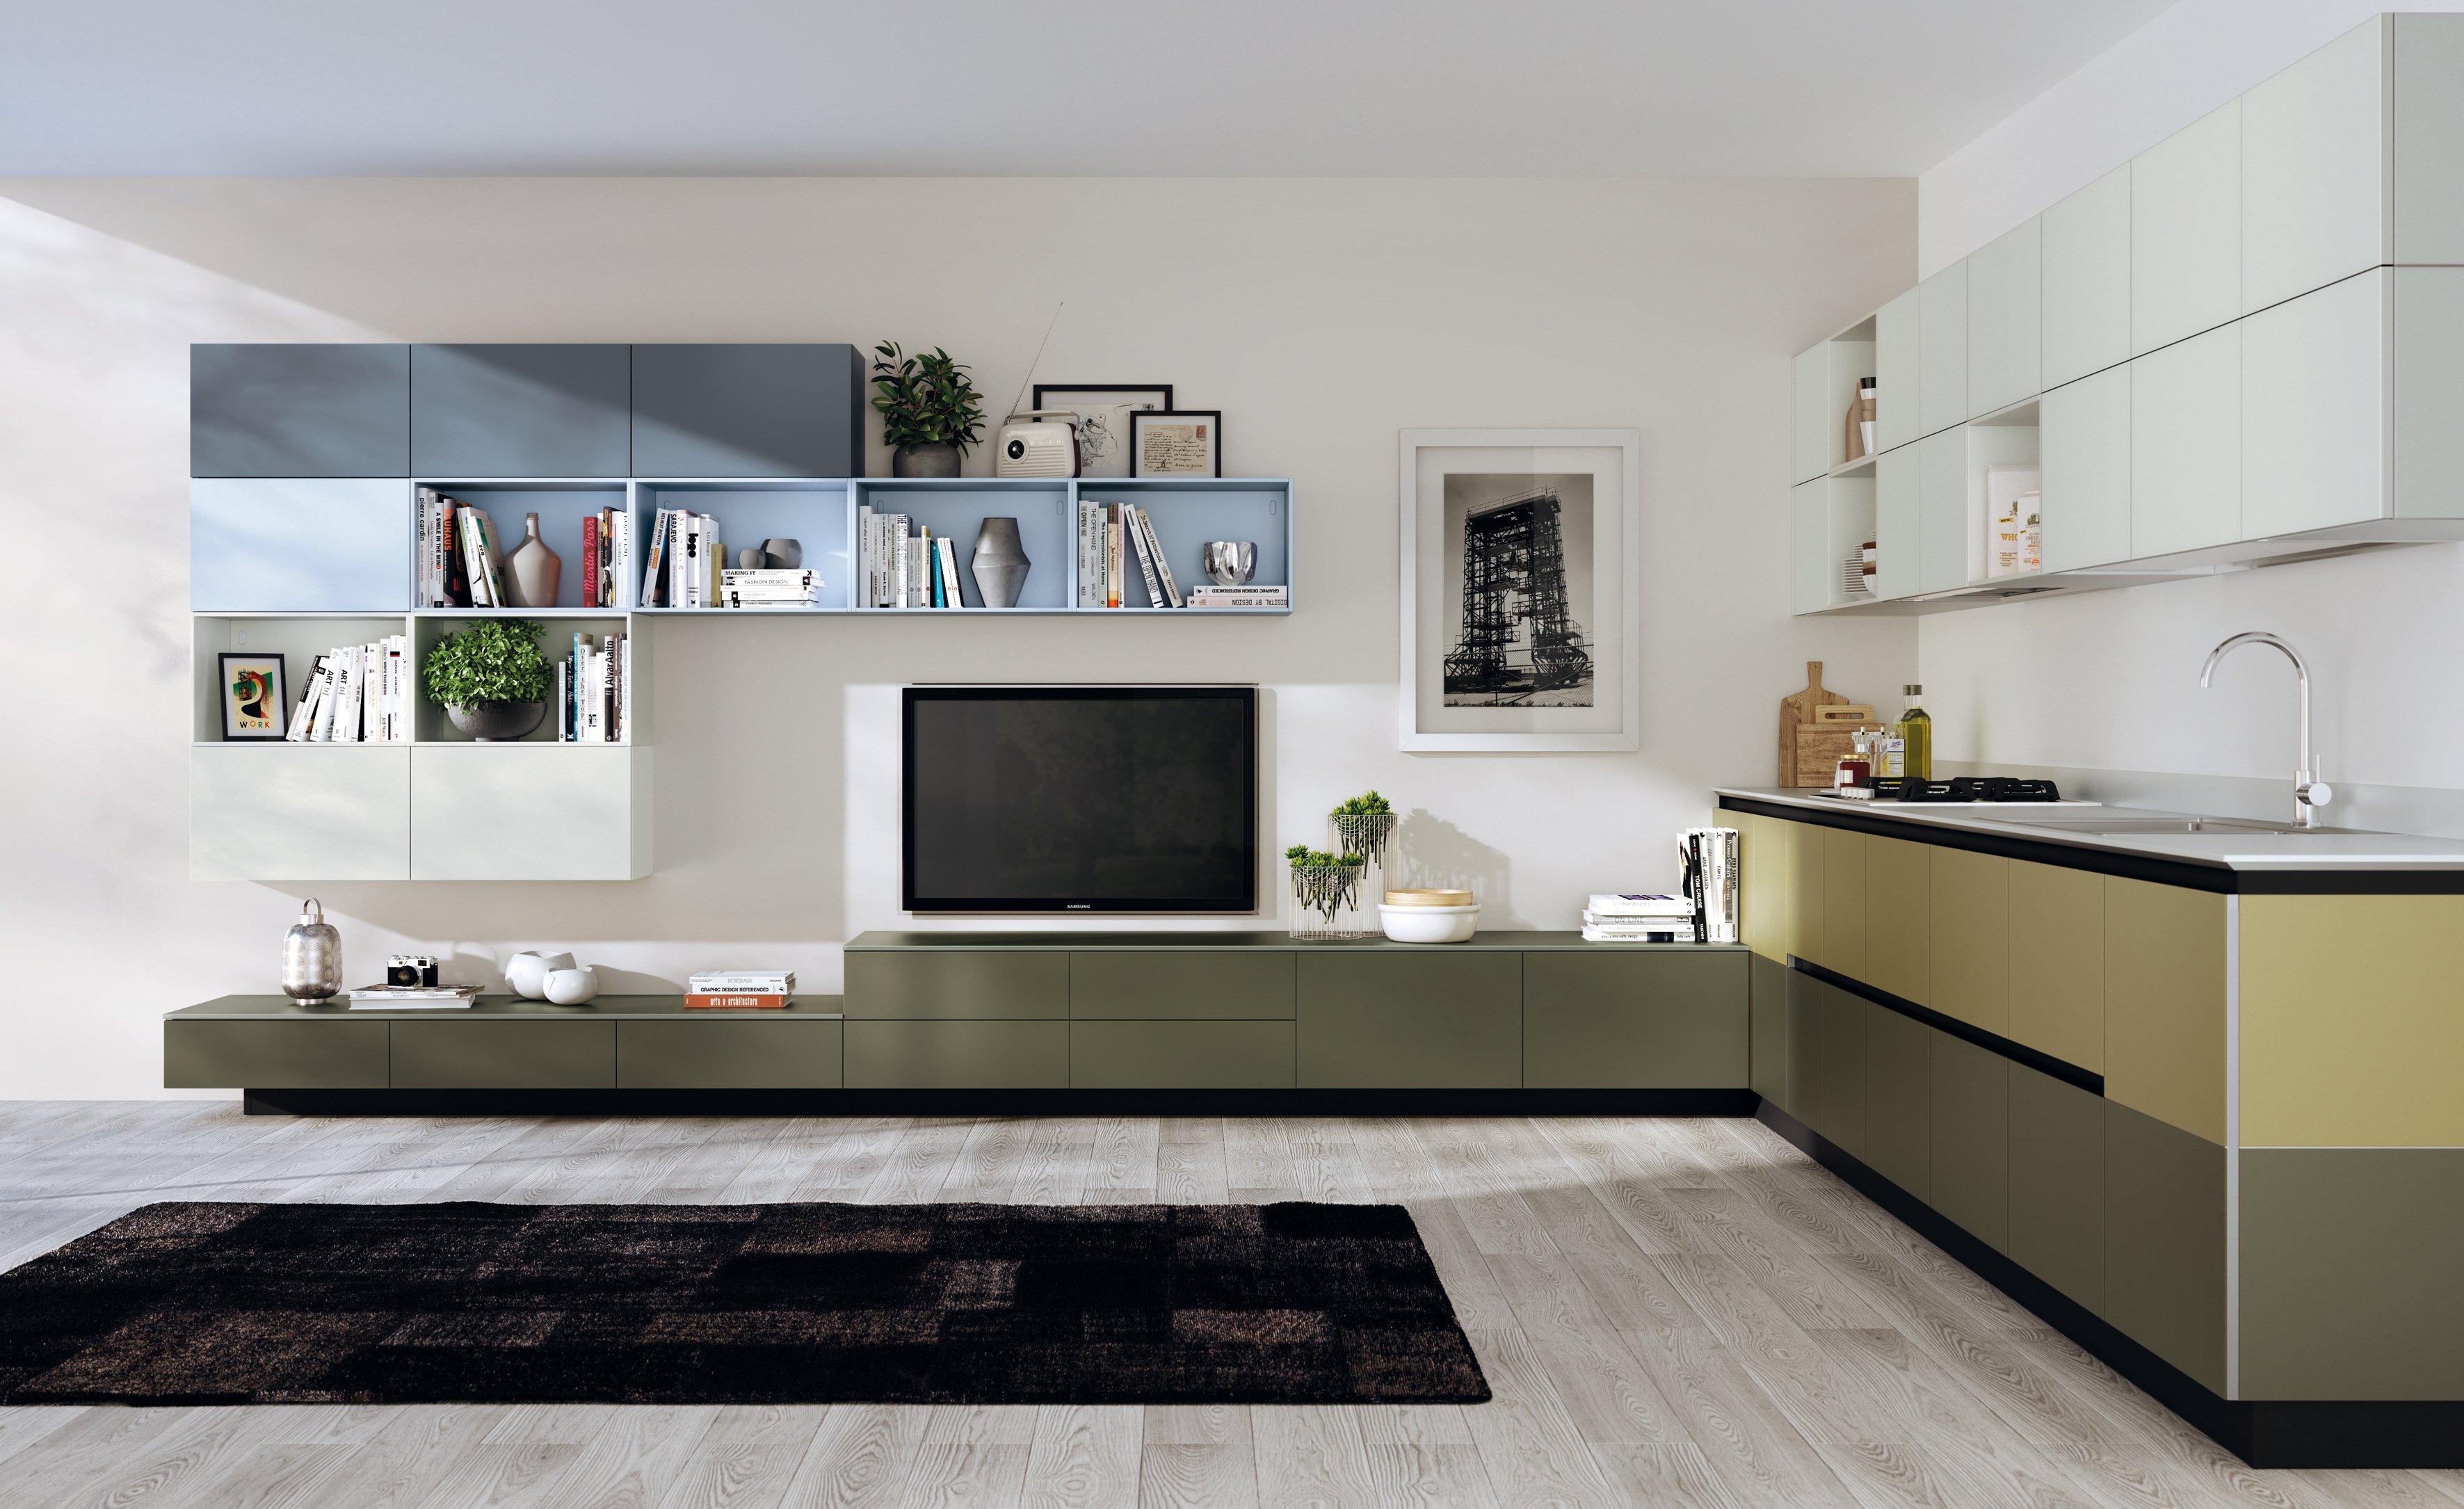 Cucina vani a giorno per dare movimento alla composizione cose di casa - Living e cucina ...